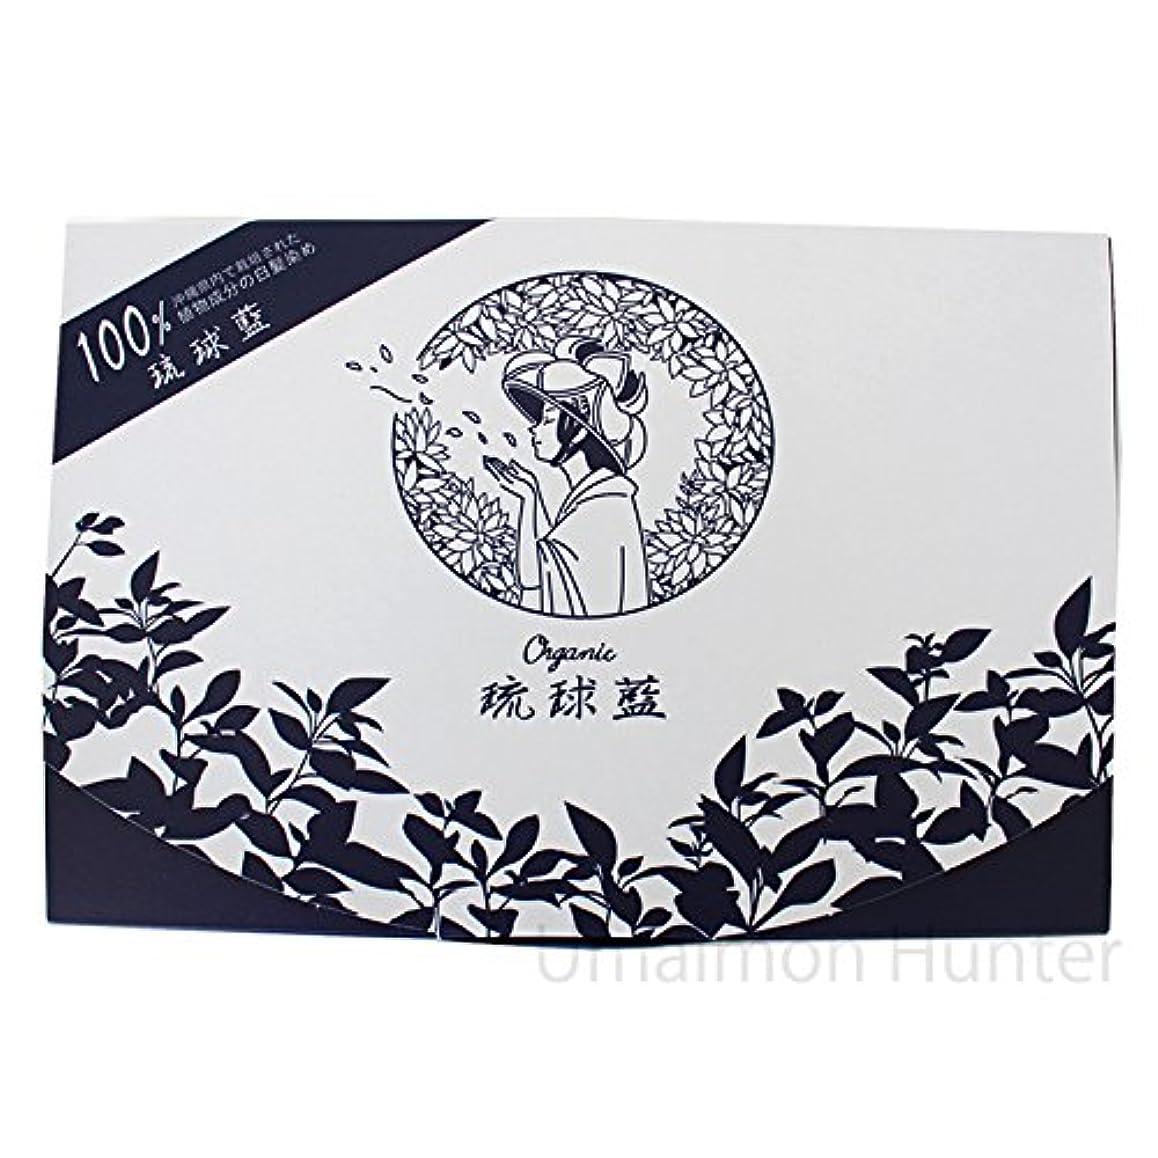 バンジャズ極貧国産 オーガニック琉球藍 100g 箱入り×2箱 特許取得済 琉球藍を天然染毛剤に